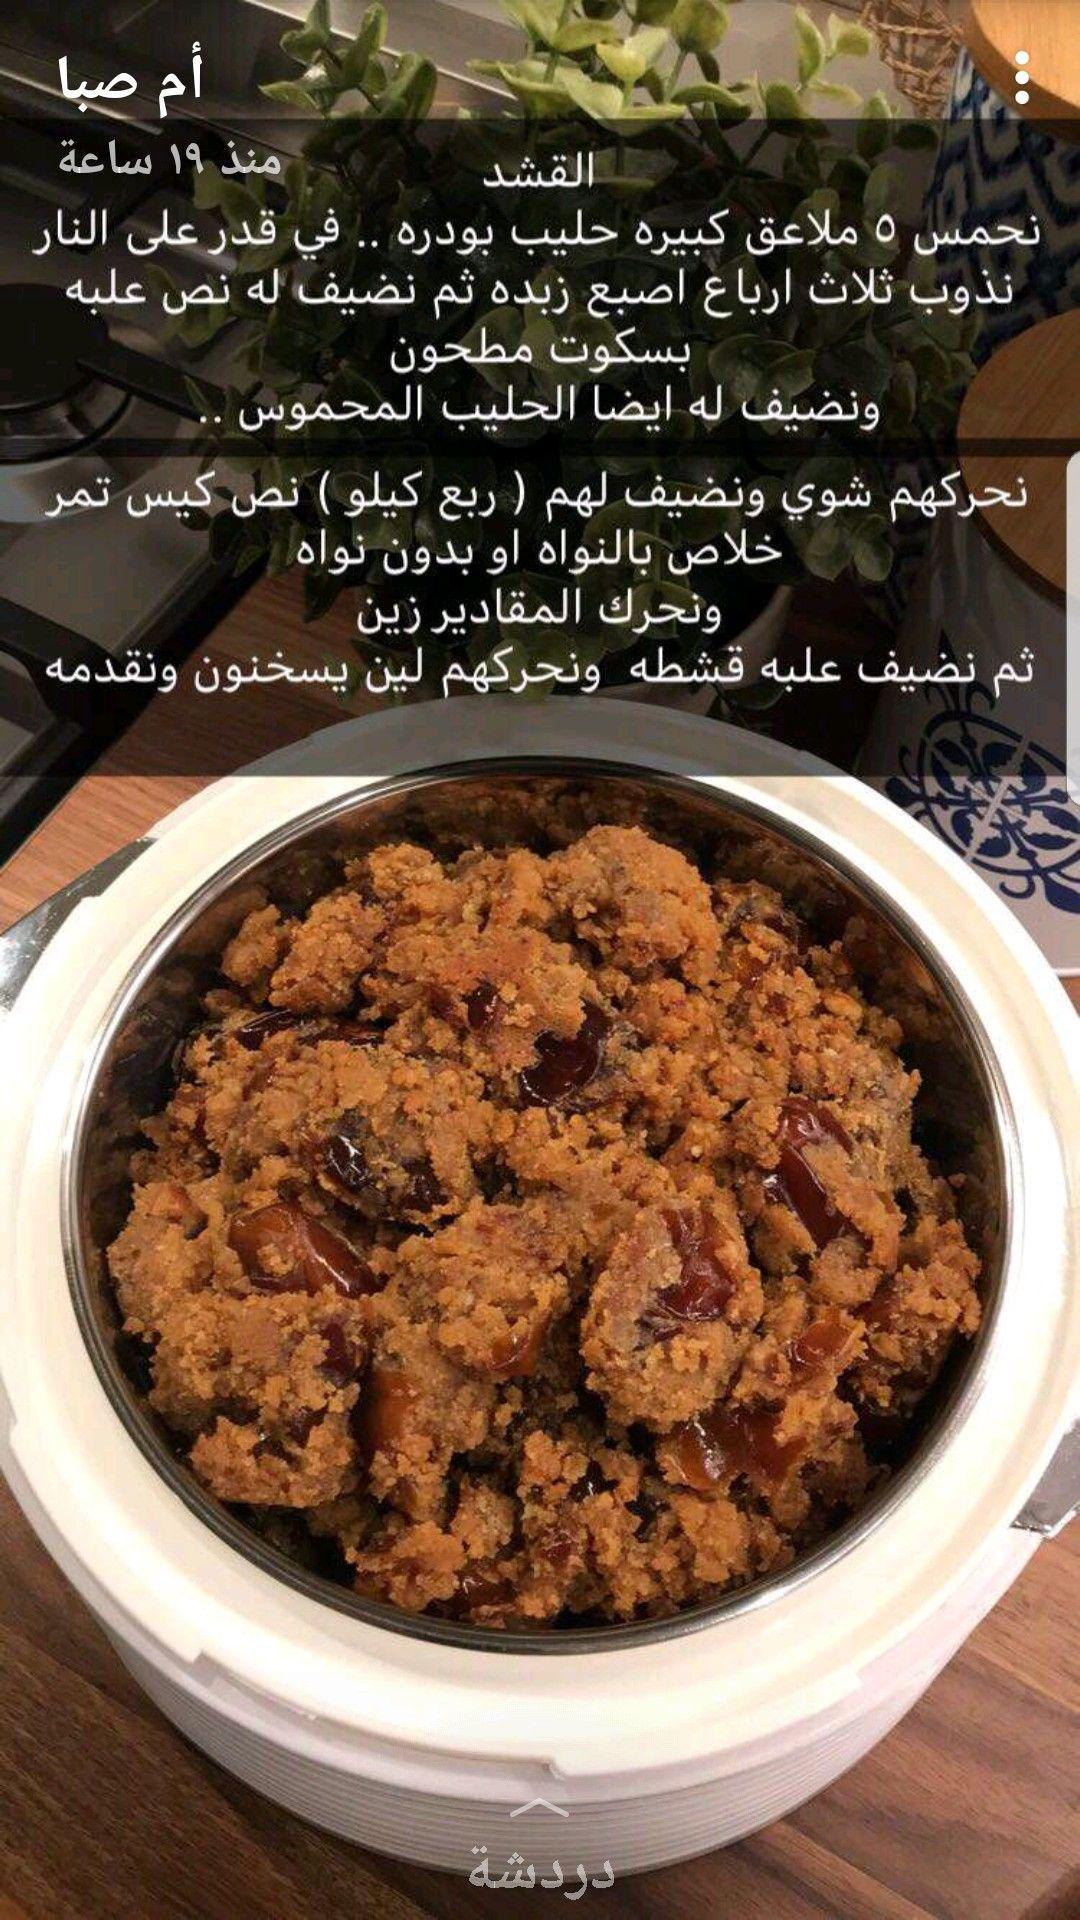 اكلات لرد و نفاي Cookout Food Save Food Food Receipes